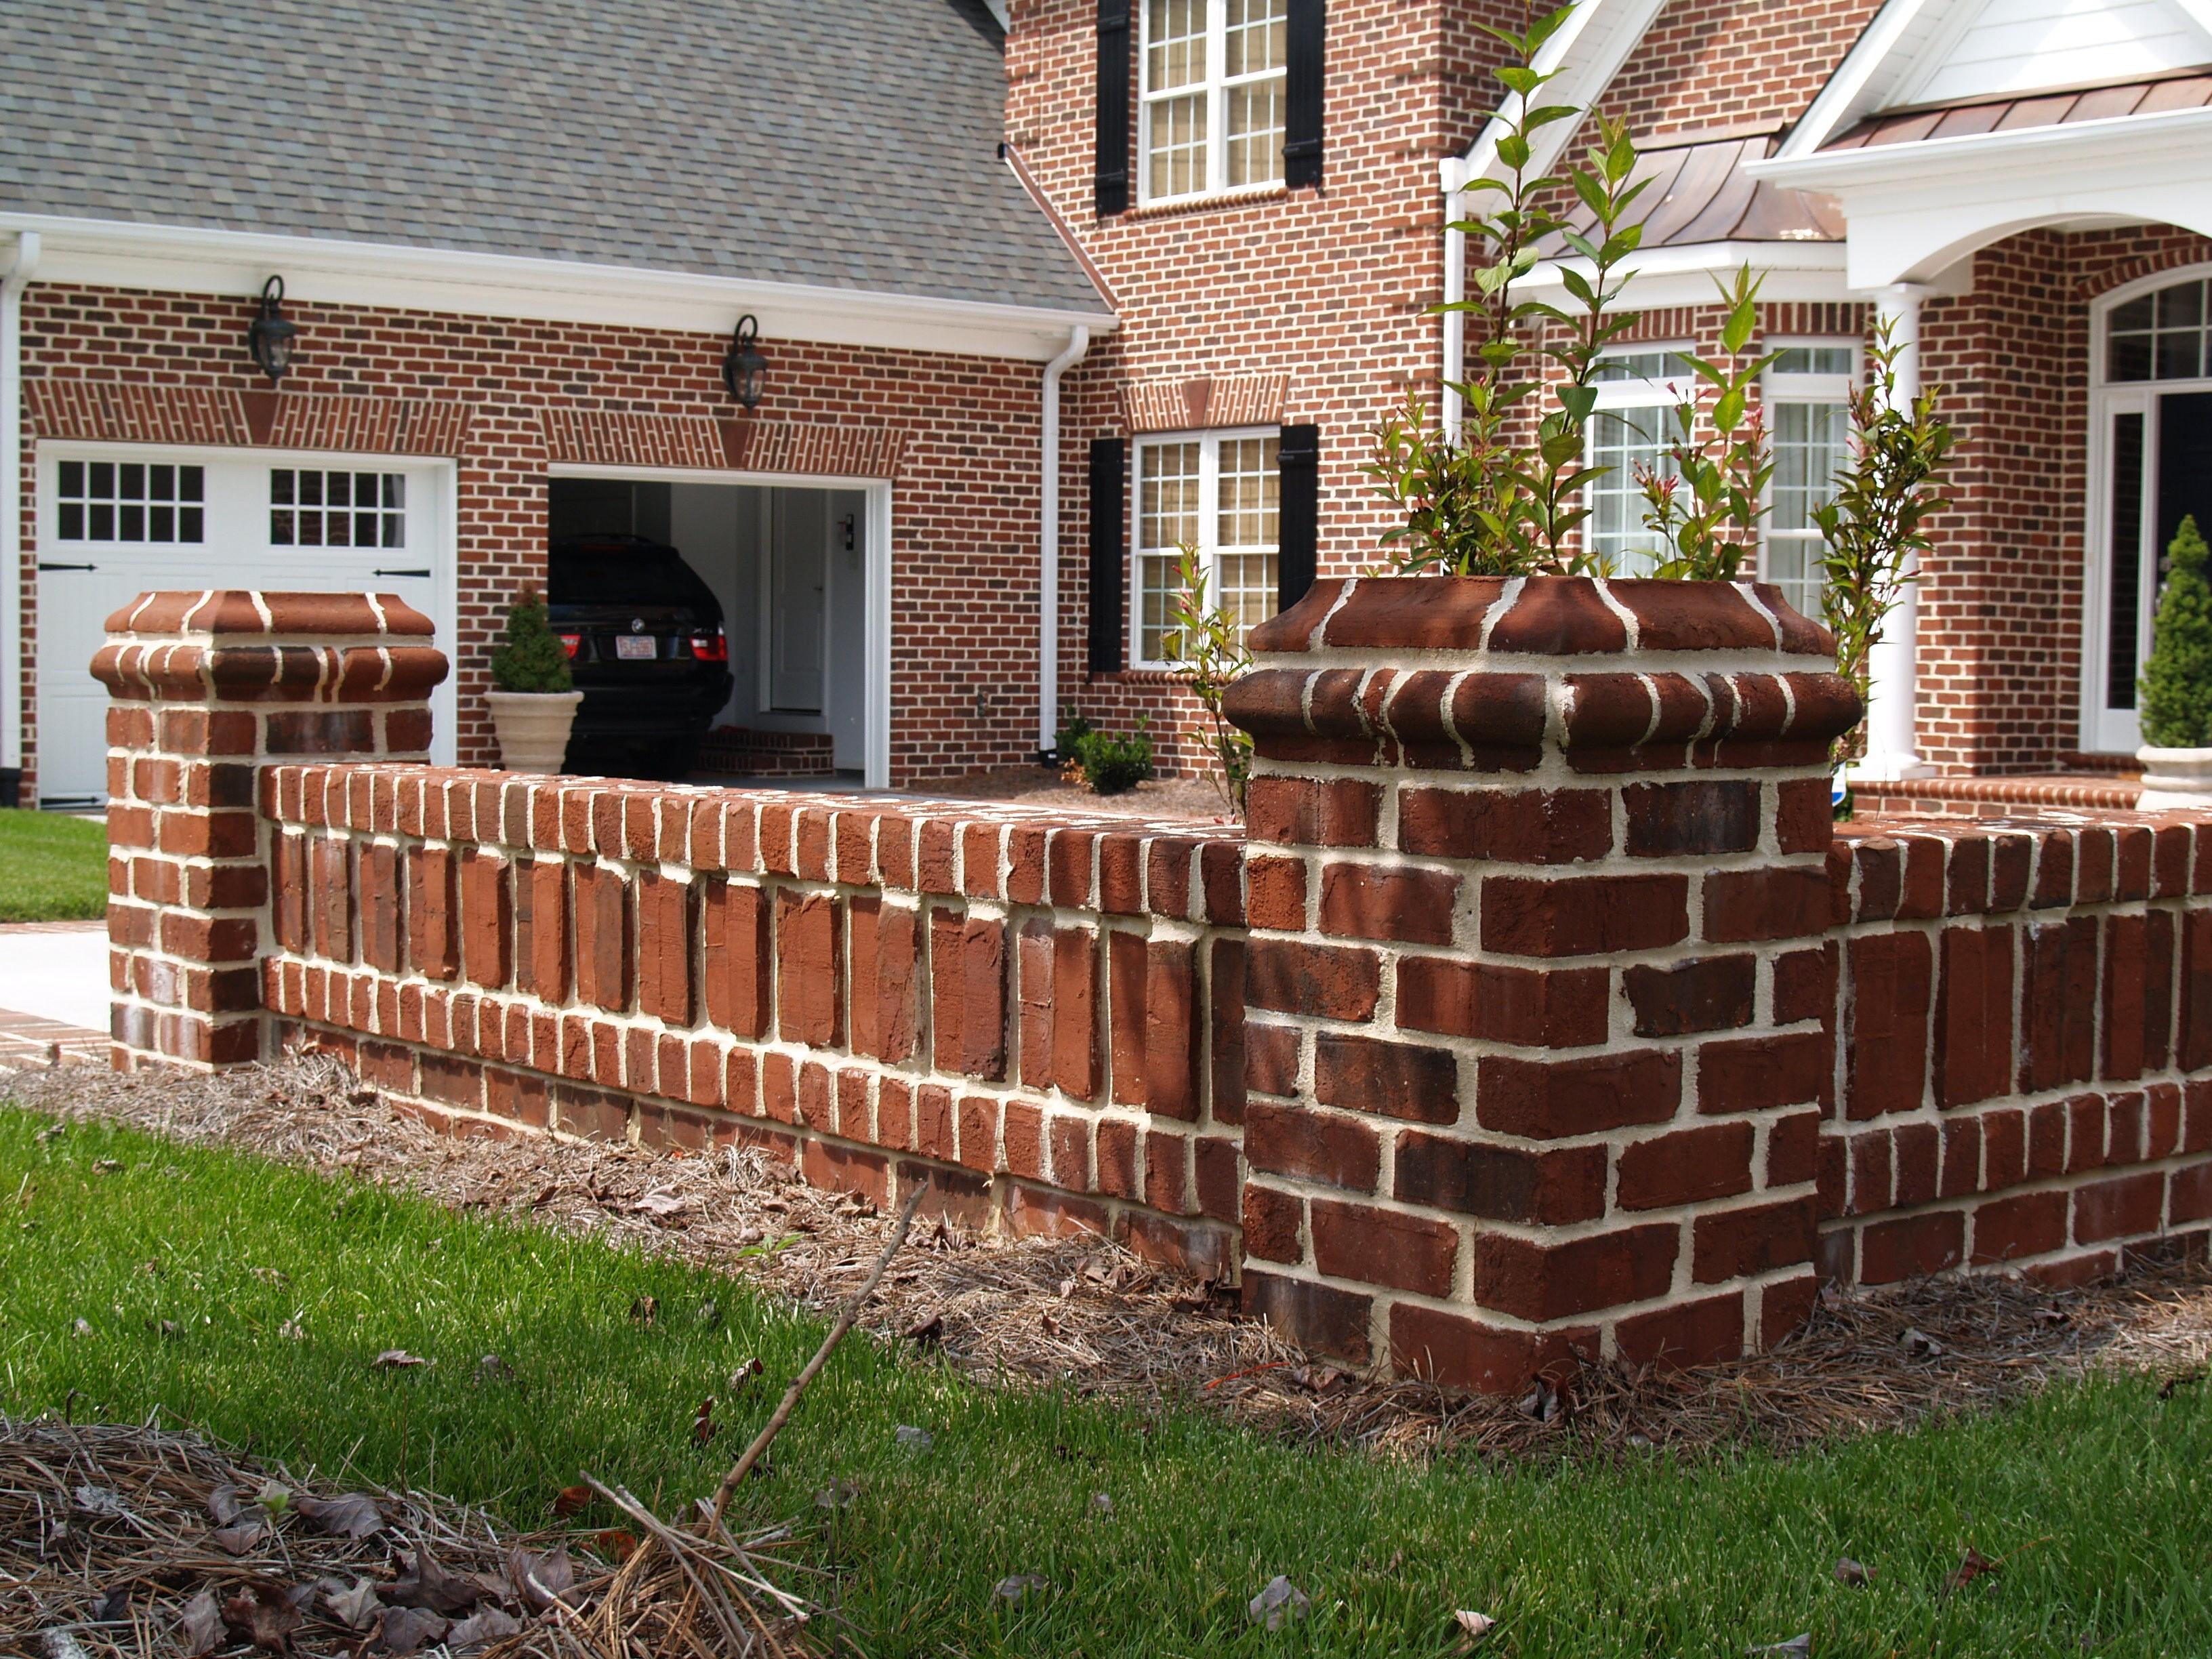 Pine Hall Brick Company Inc, Dealer, Winston-Salem, NC